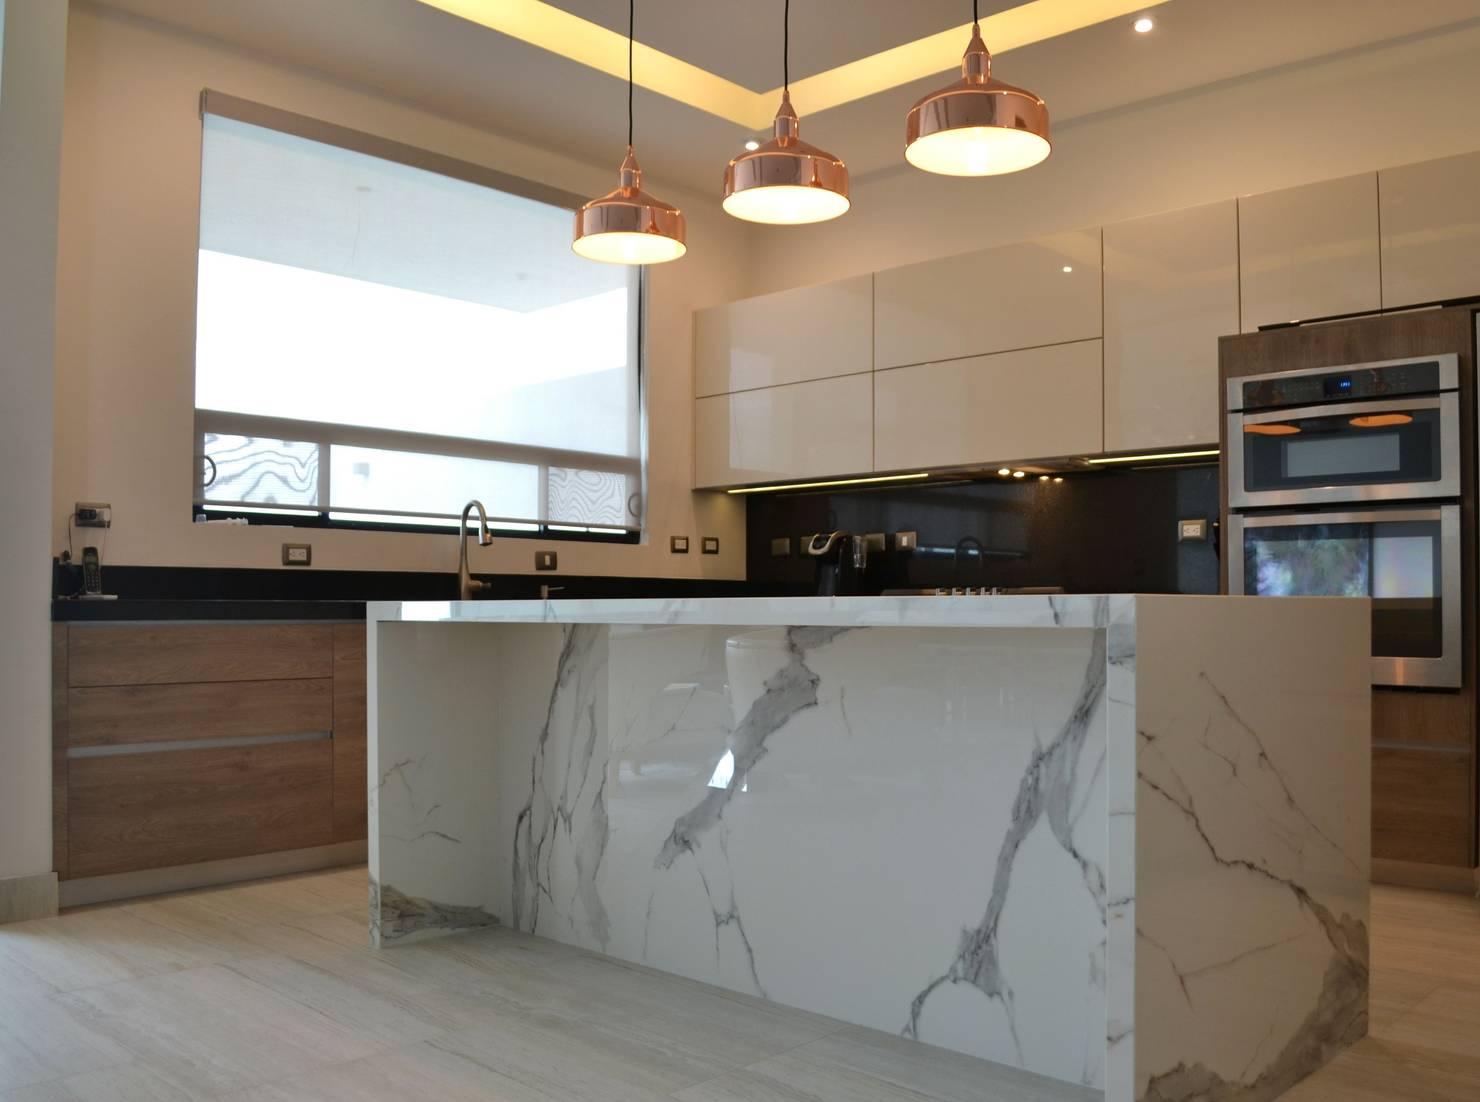 Mobiliario para la cocina: ¡ideas para tu casa!